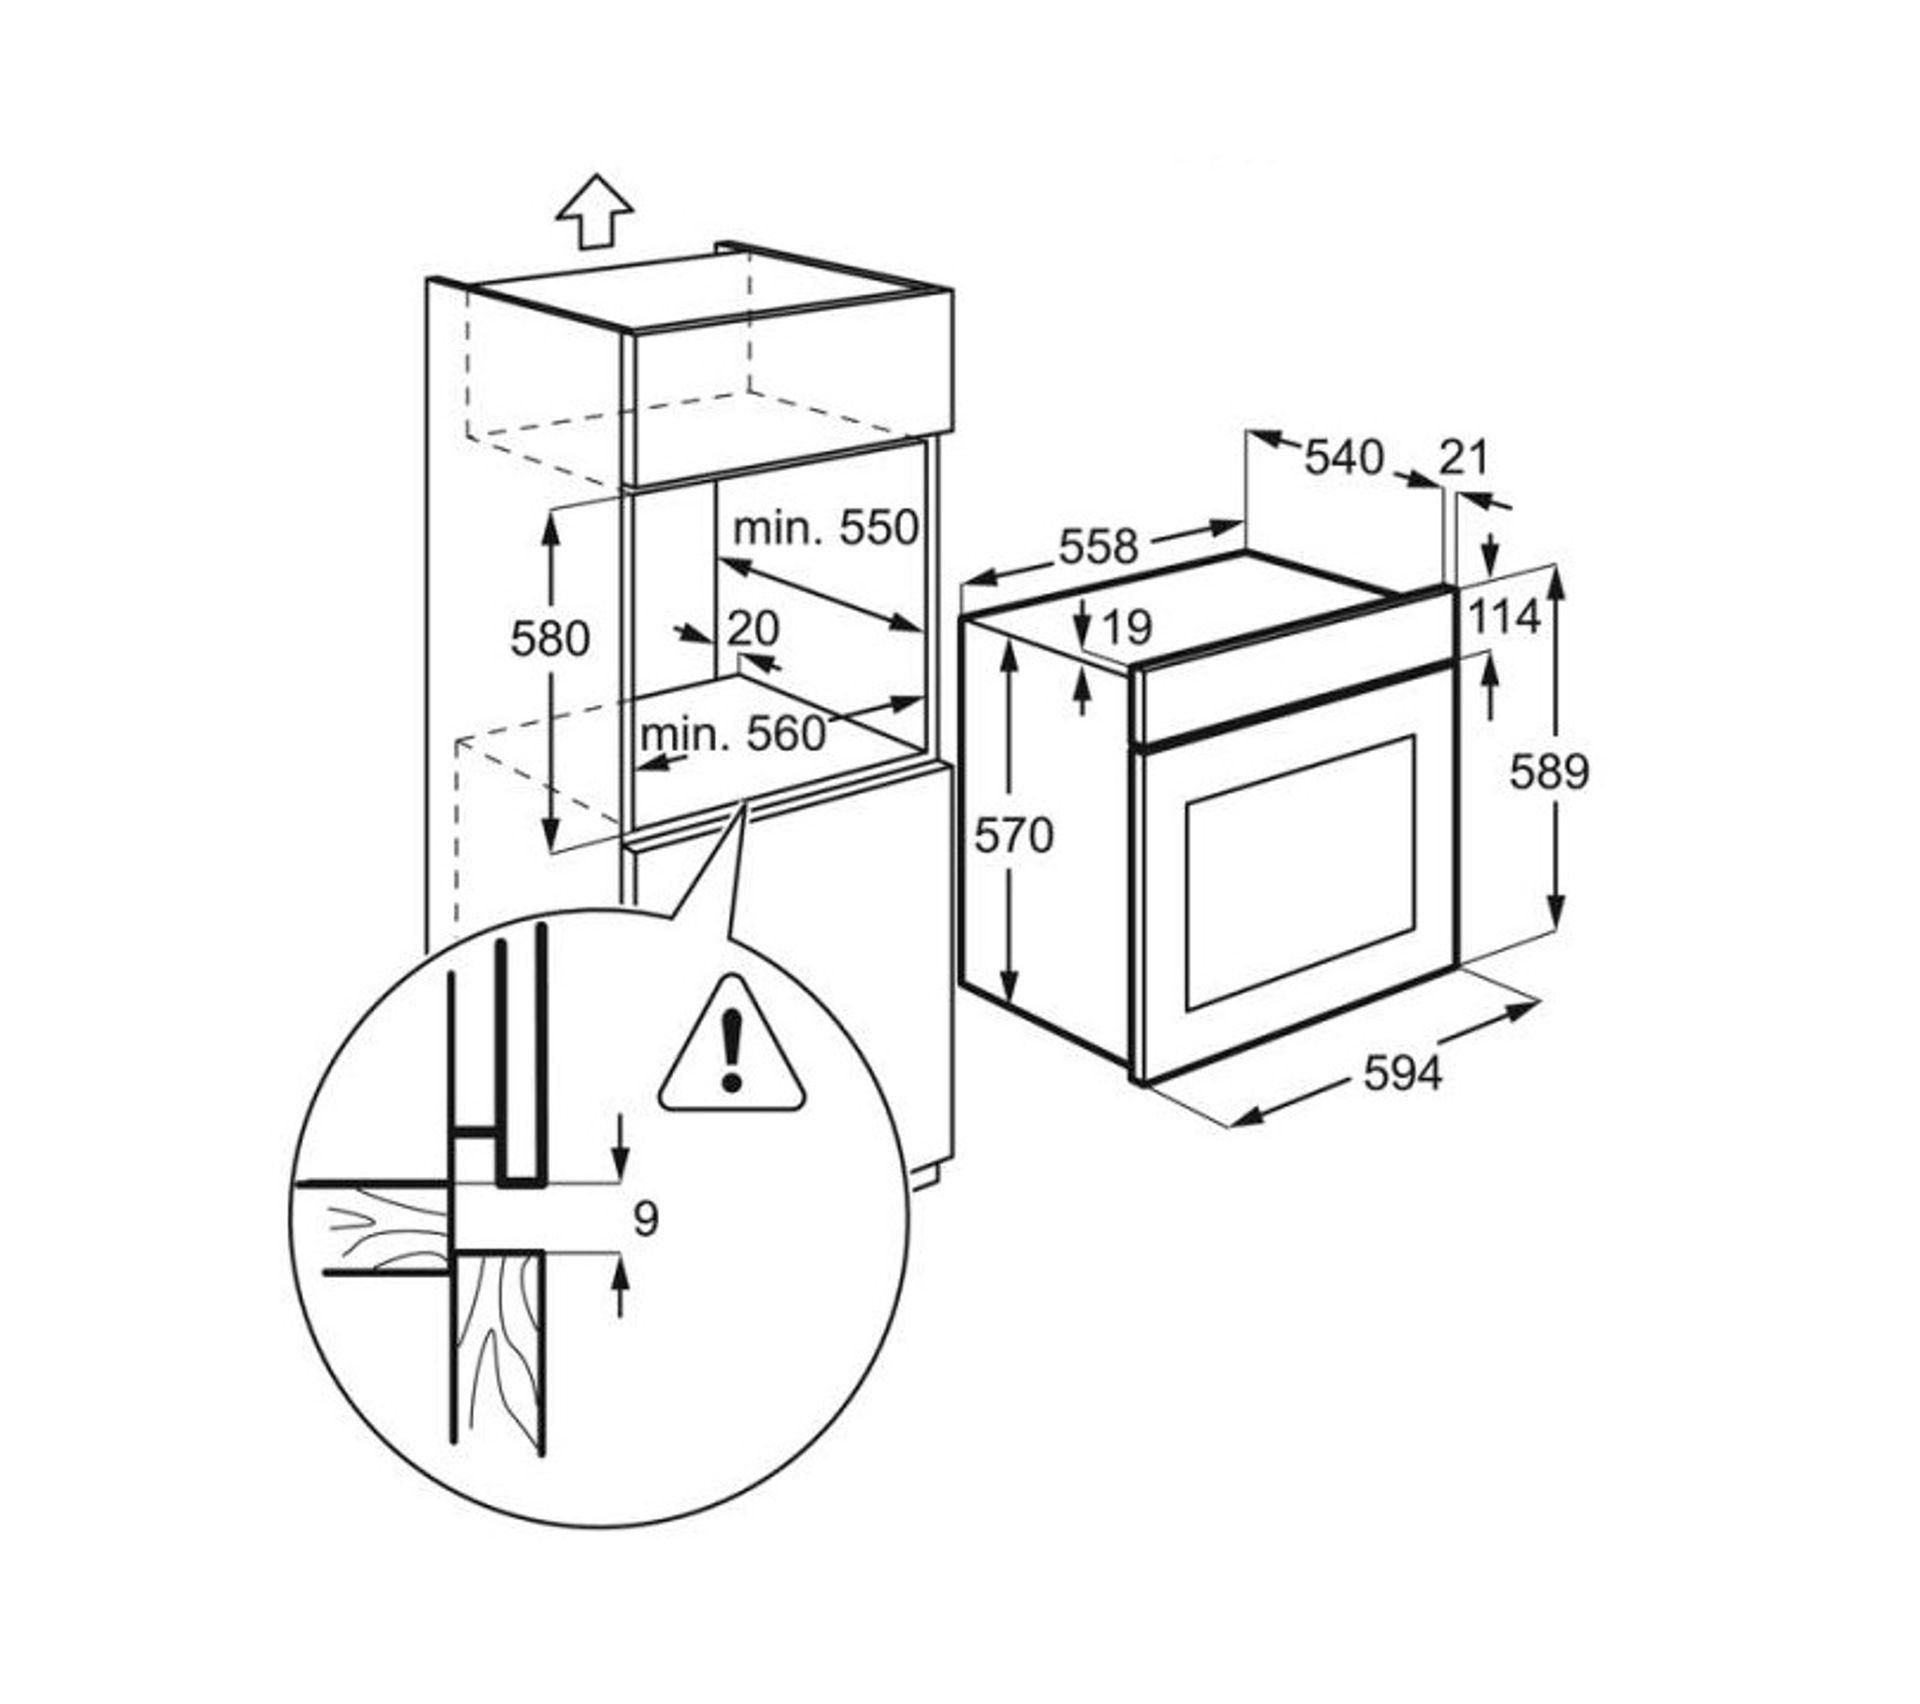 Différence Entre Chaleur Tournante Et Pulsée four - chaleur tournante pulsée - pyrolyse - bandeau métal - ezc3400dox